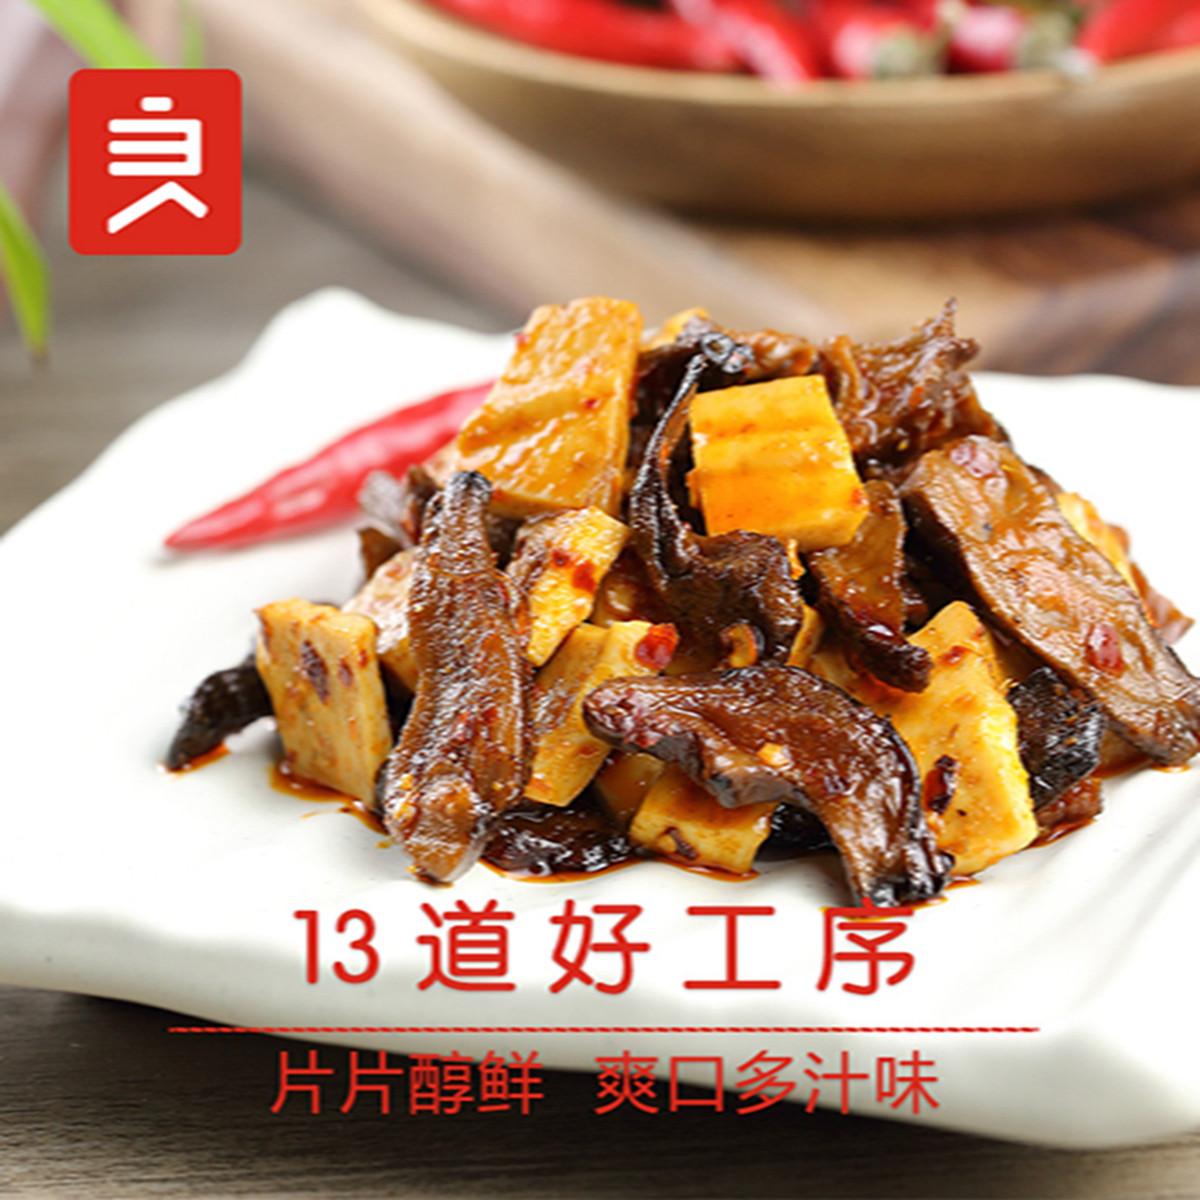 良品铺子香菇豆干180g/袋香辣味豆腐干零食麻辣小吃鲜香爽口COLOR香菇豆干180g